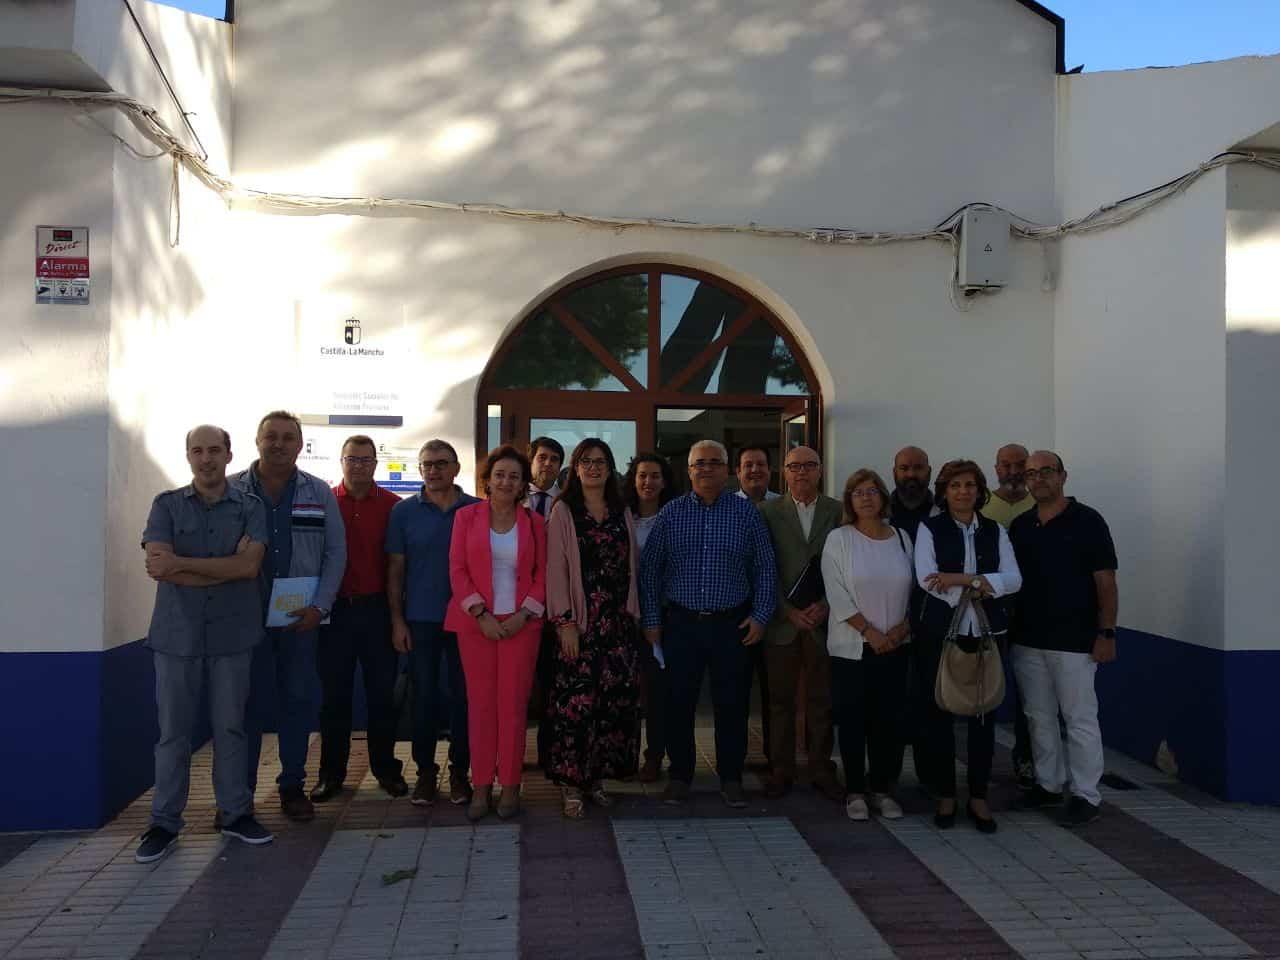 AsambleaSEptiembre promancha mancha norte - Concepción Rodríguez-Palancas vicepresidenta del Grupo de Desarrollo Rural Mancha Norte Desarrollo e Innovación